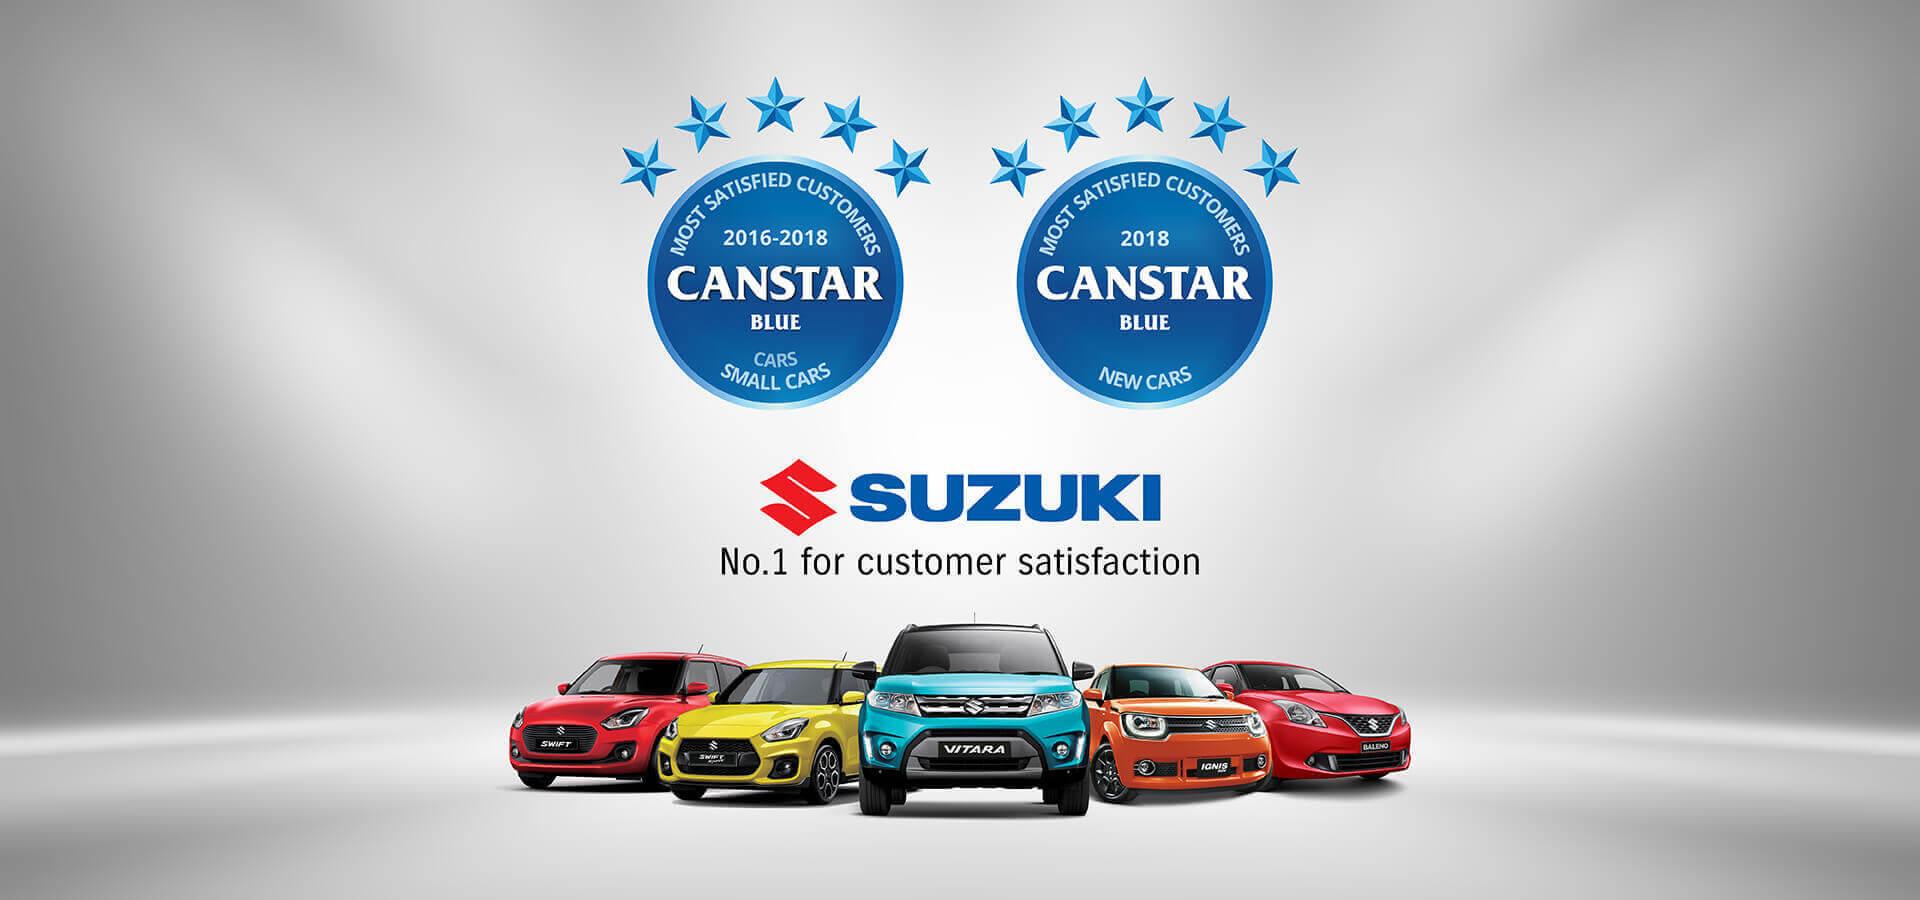 SuzukiQLD Customer Satisfaction